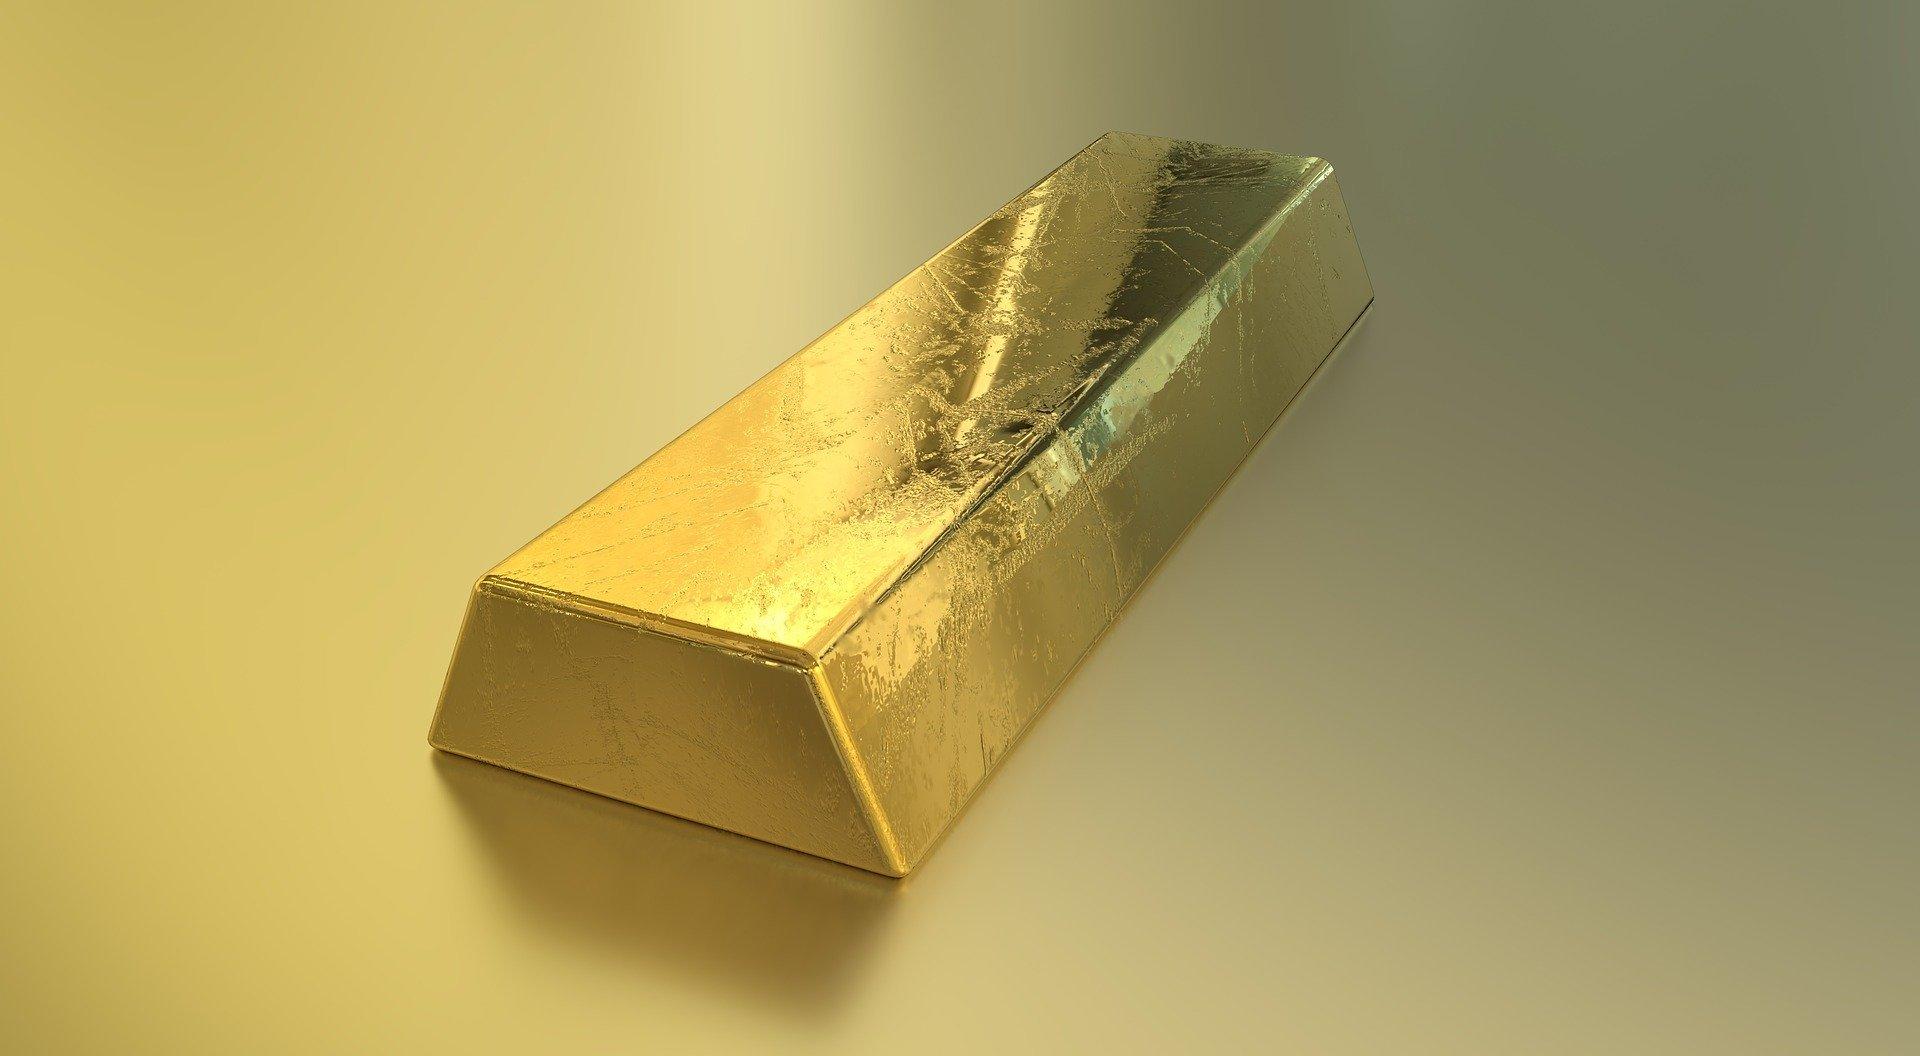 ราคาทองวันนี้ 3 มิ.ย. 64 แนวโน้มราคาทอง ราคาทองคำวันนี้ วิเคราะห์ทองคำ ปัจจัยราคาทอง ราคาทอง